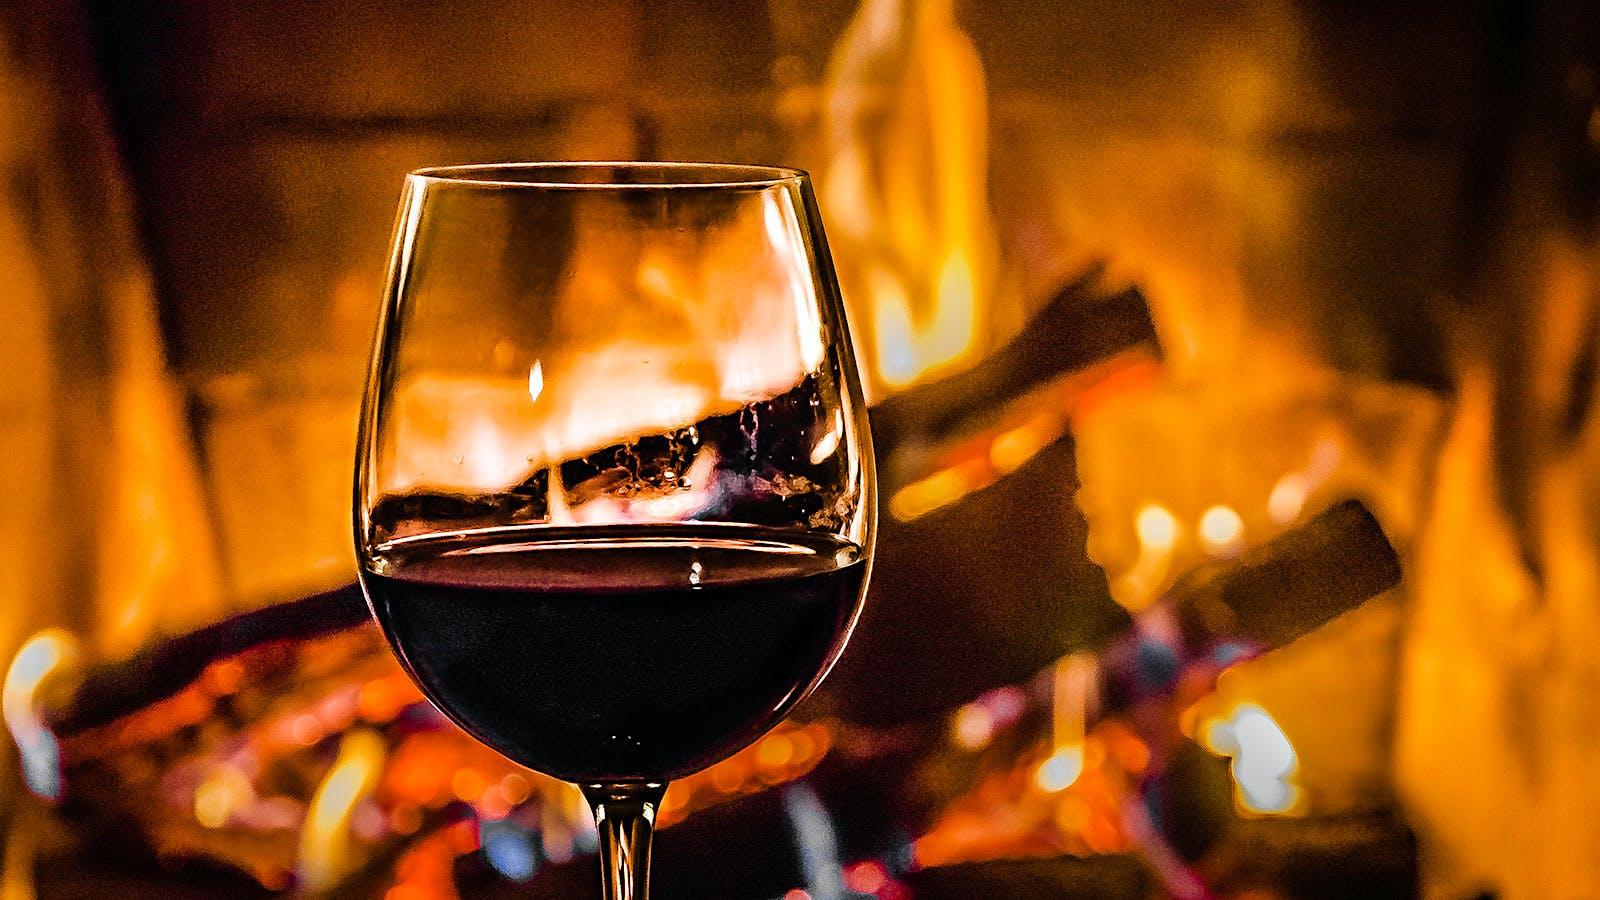 Sommelier Roundtable: Winter Wine Picks